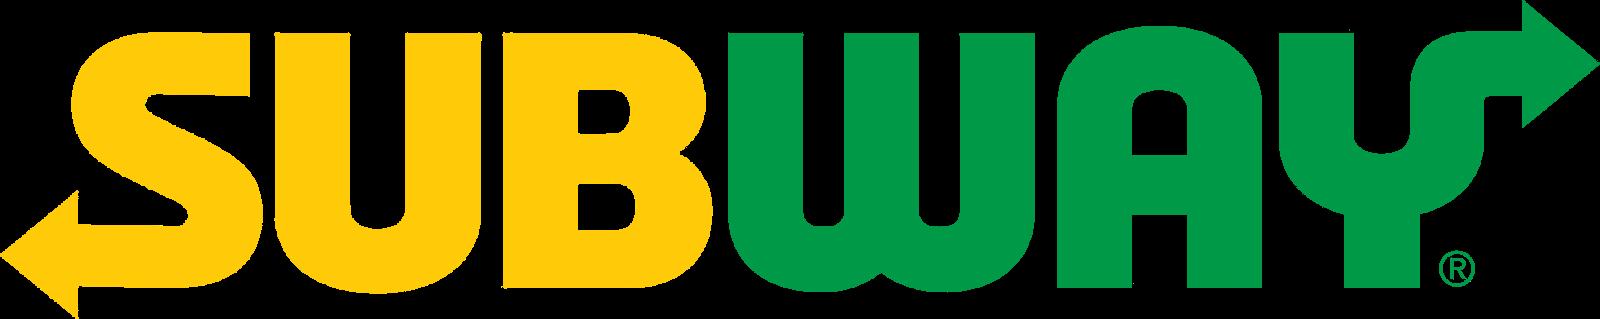 Subway (1965): empresa de comida rápida estadounidense